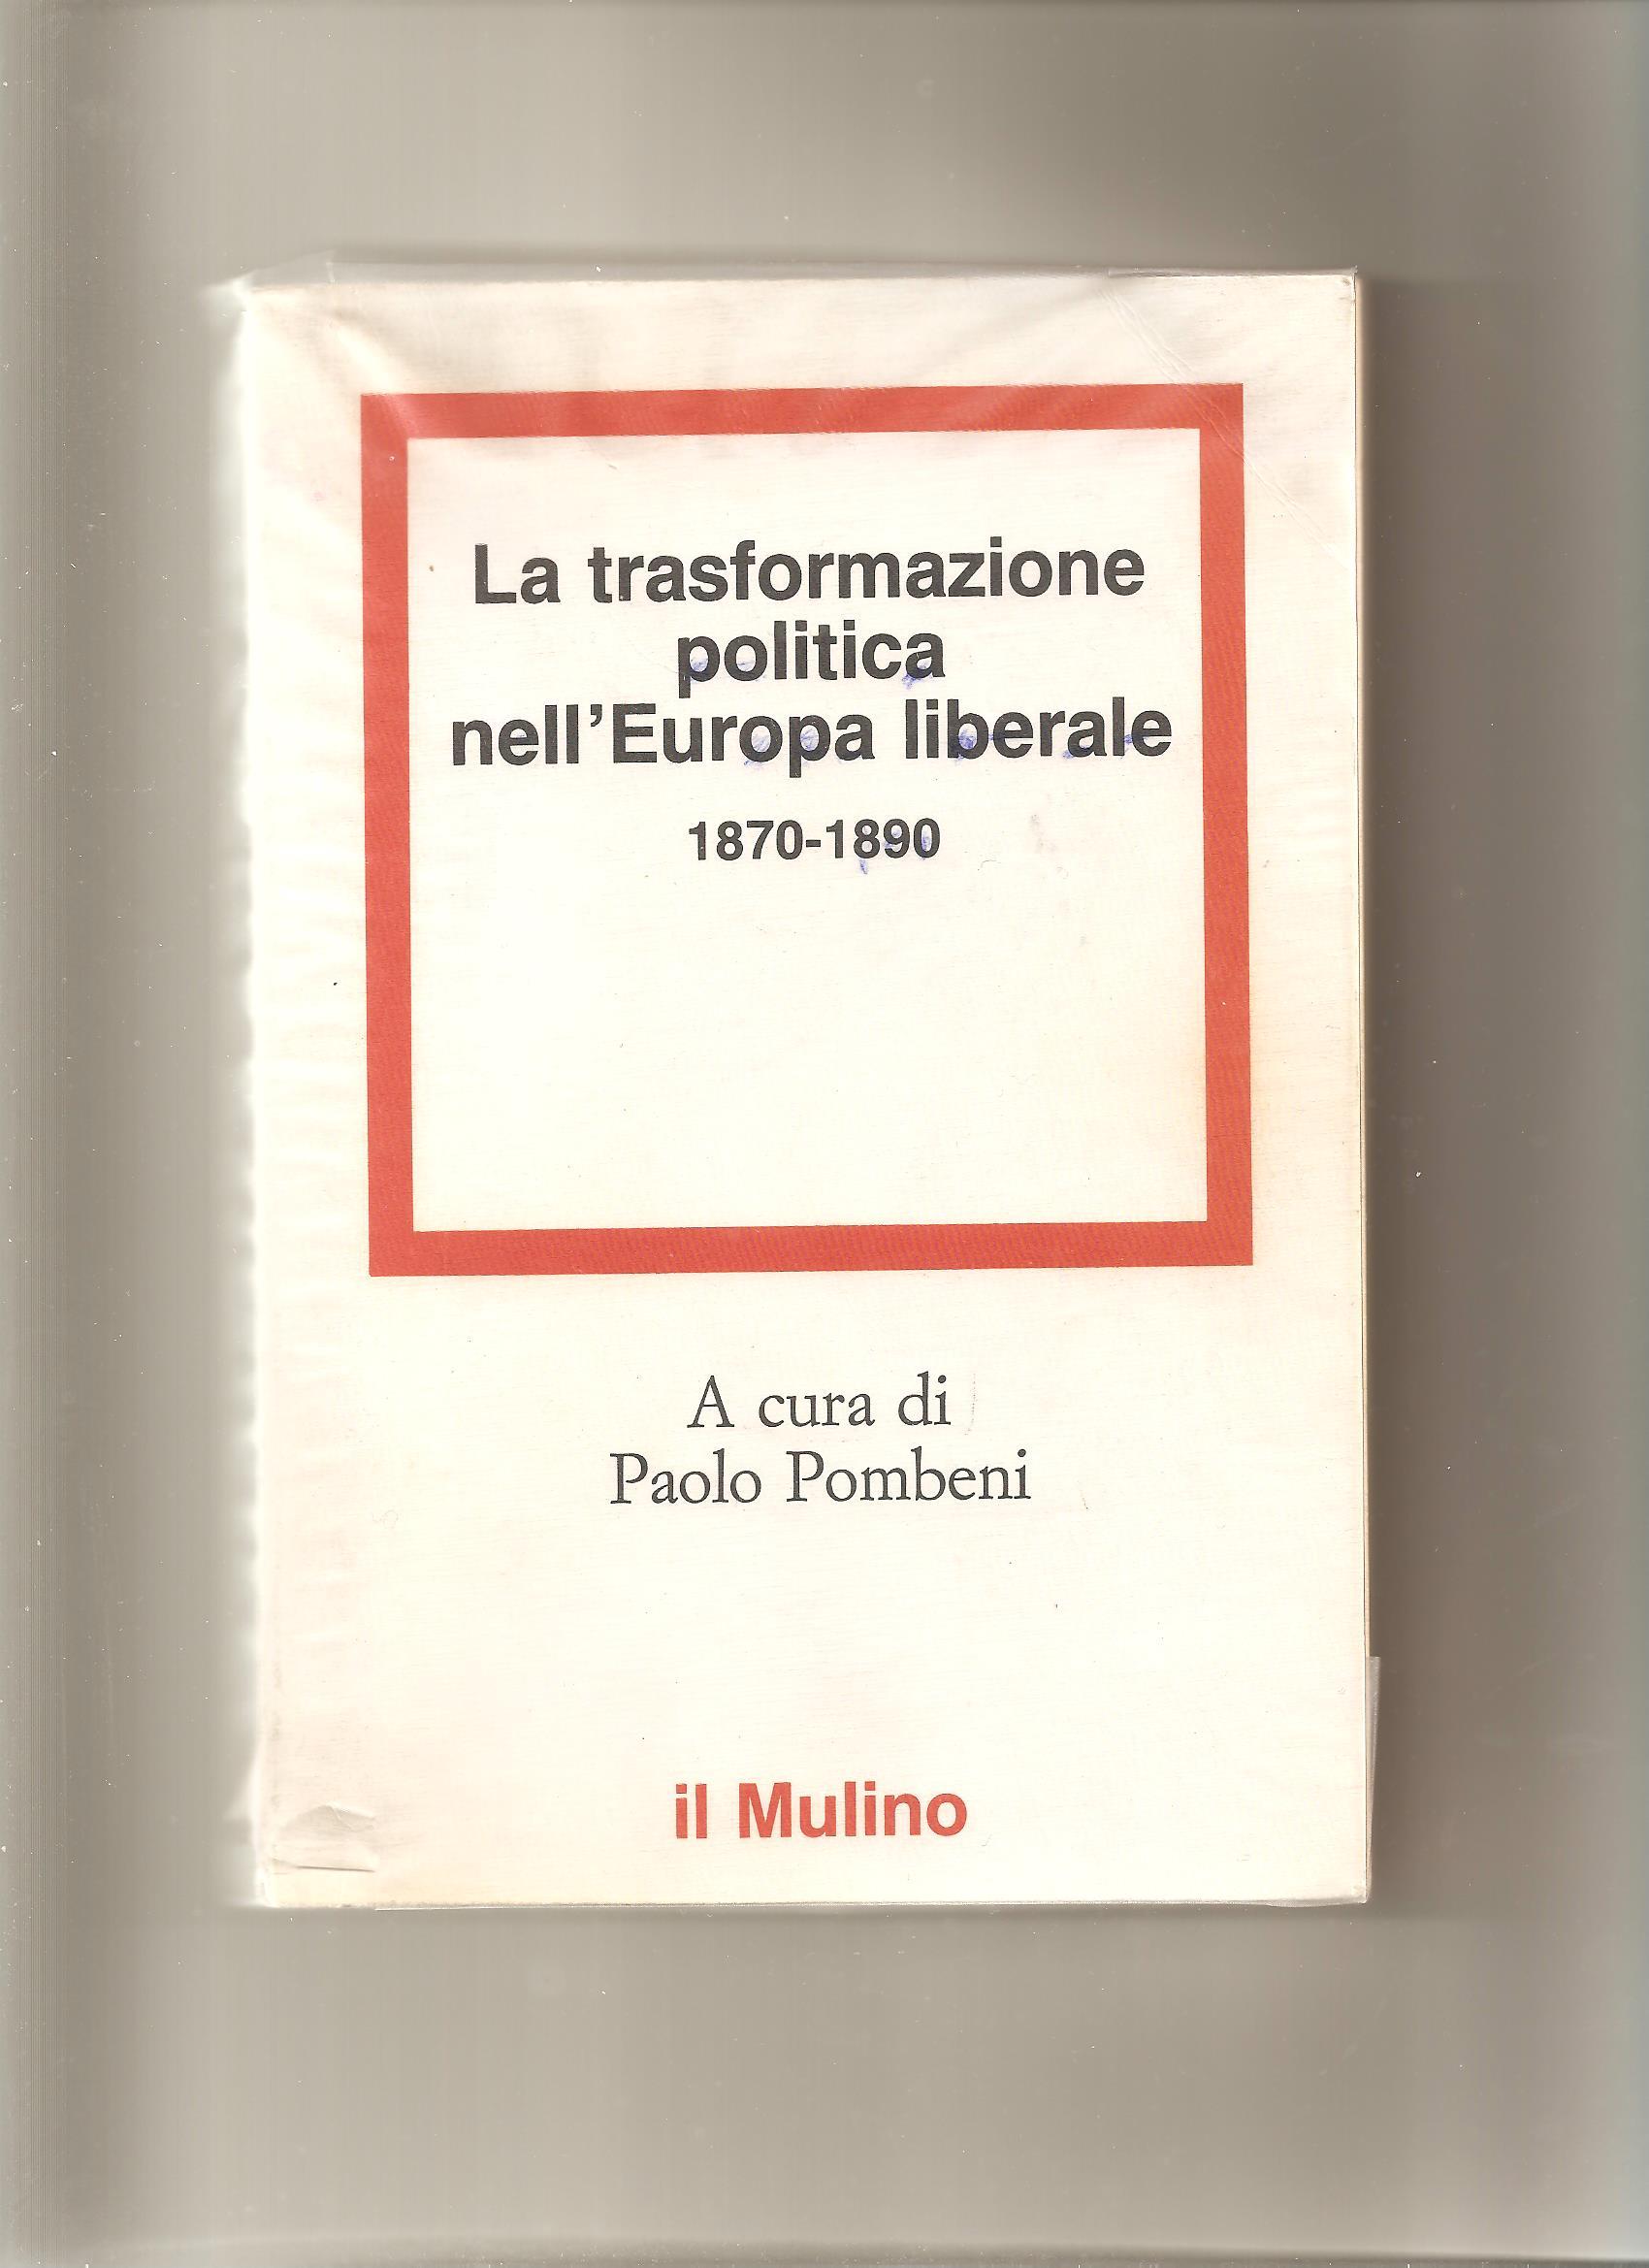 La trasformazione politica nell'Europa liberale (1870-1890)